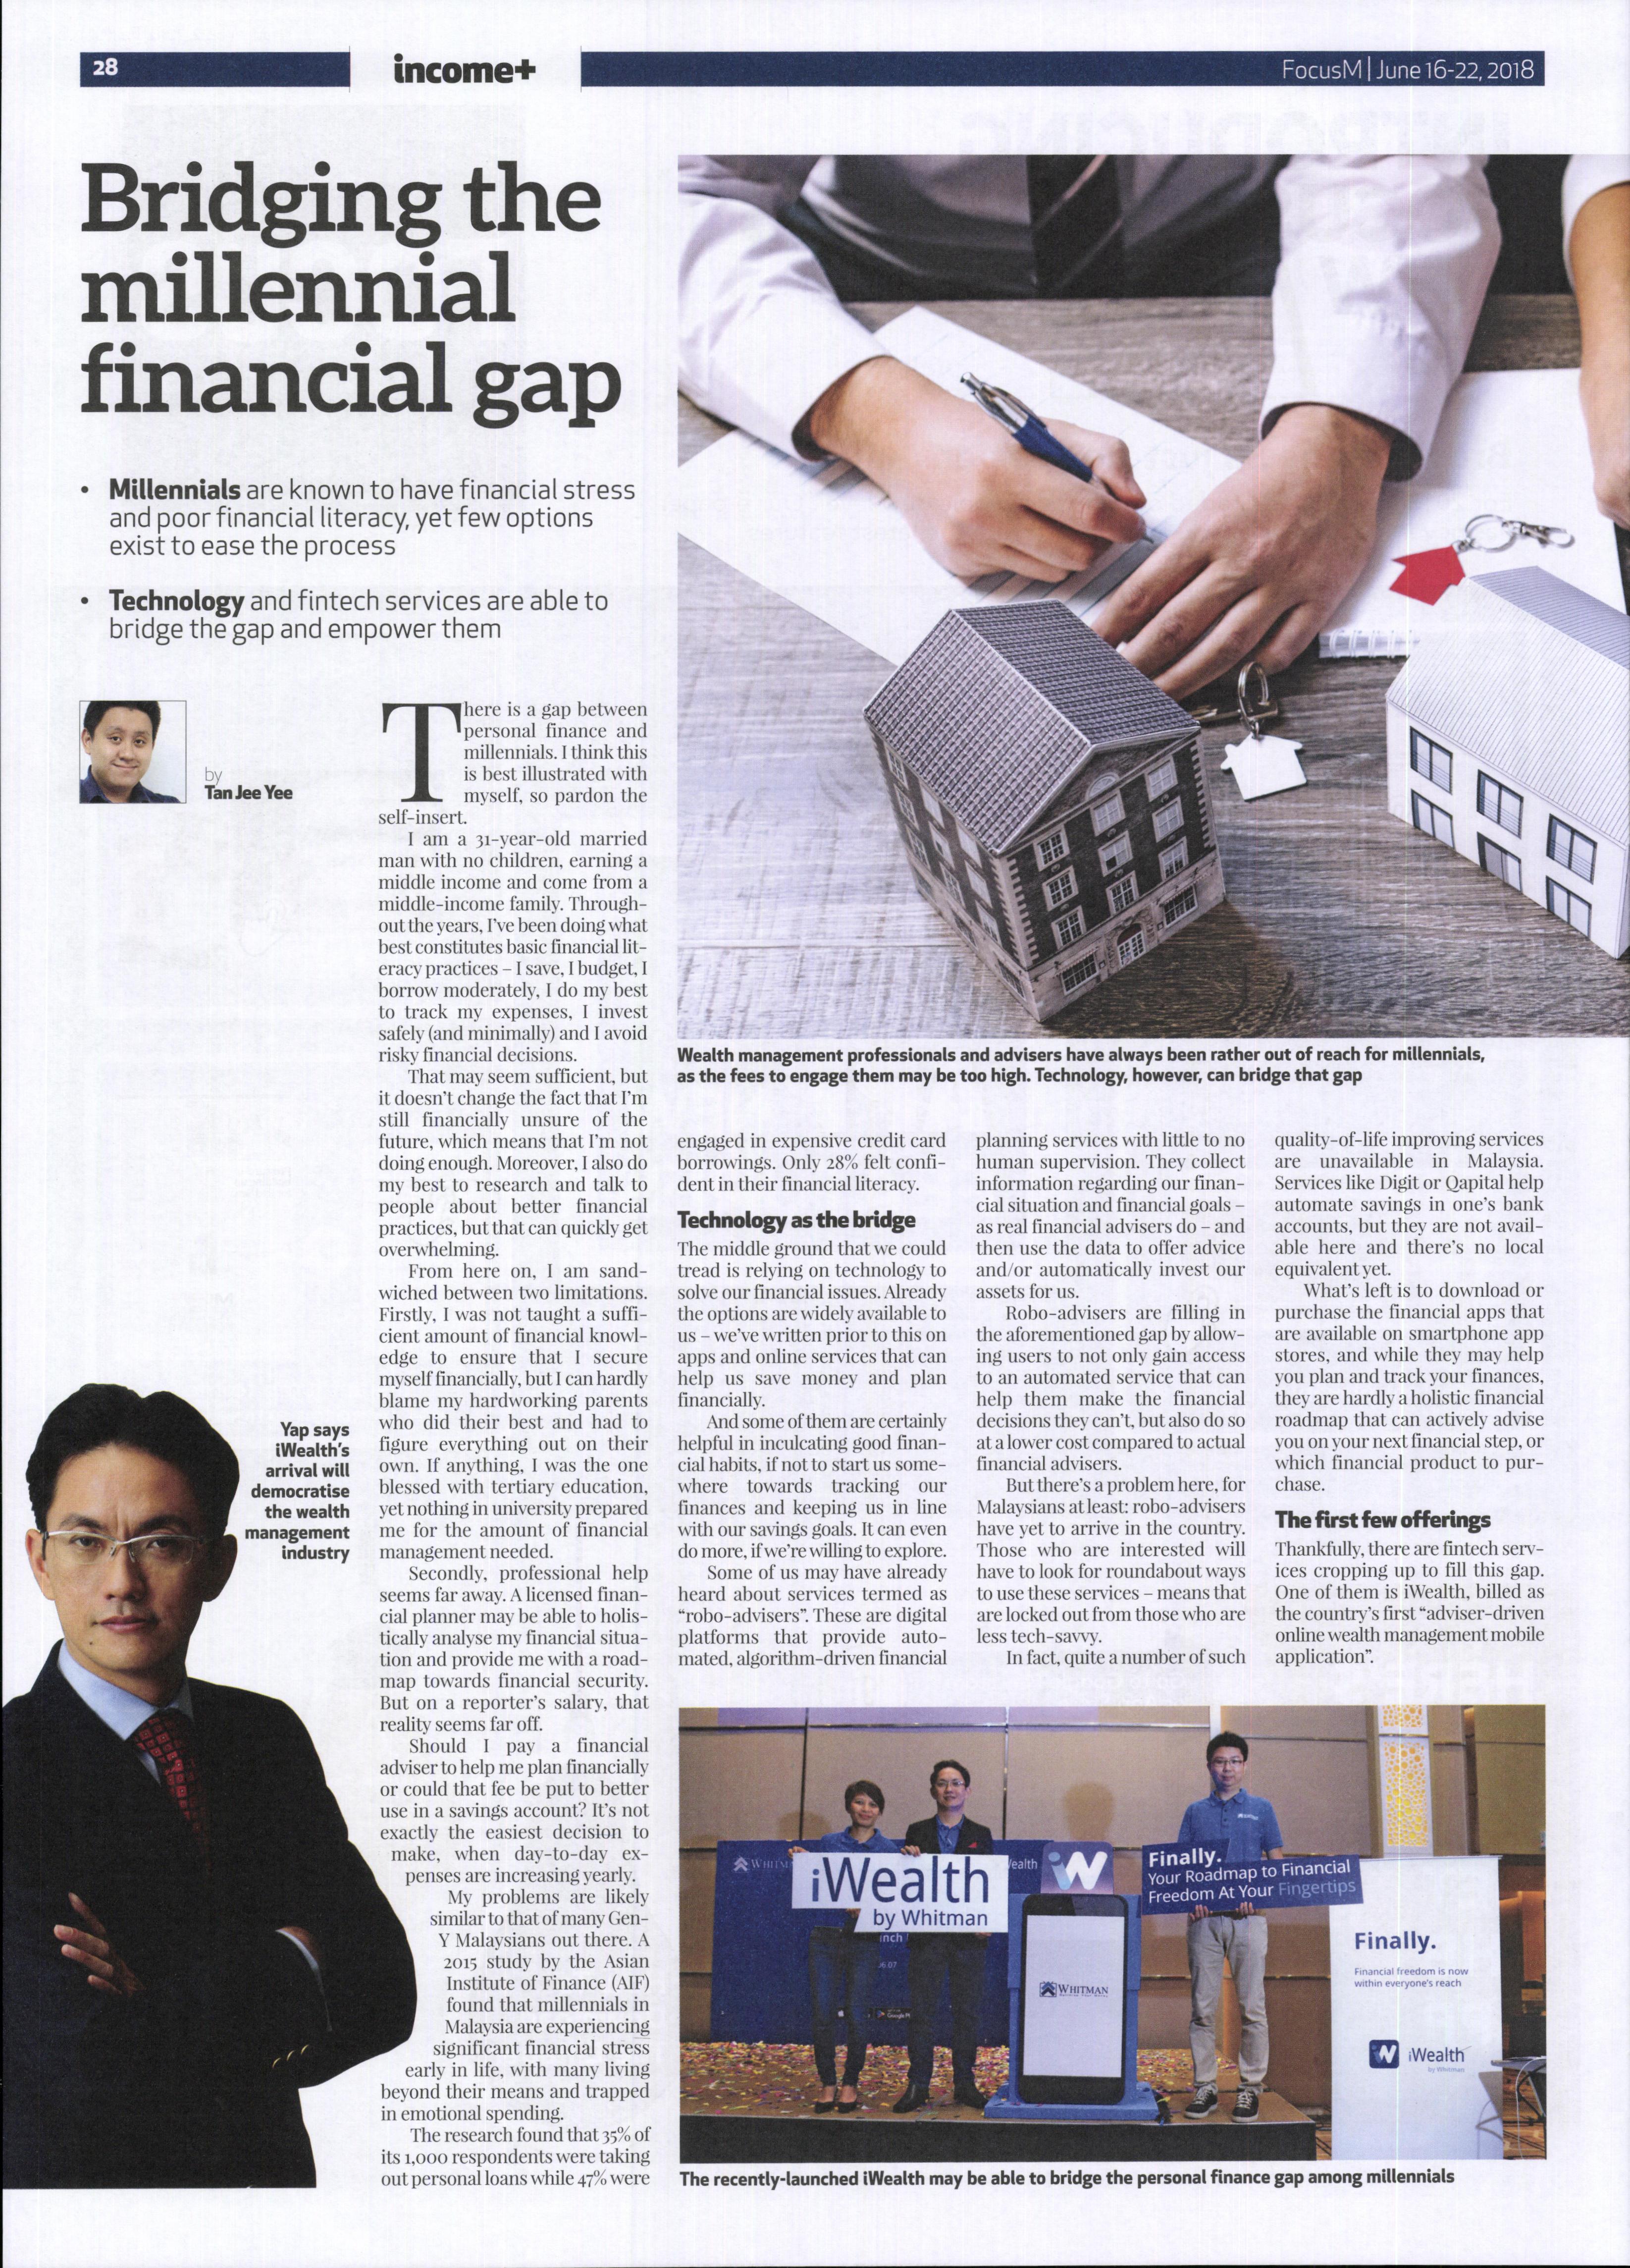 Bridging the millennial financial gap